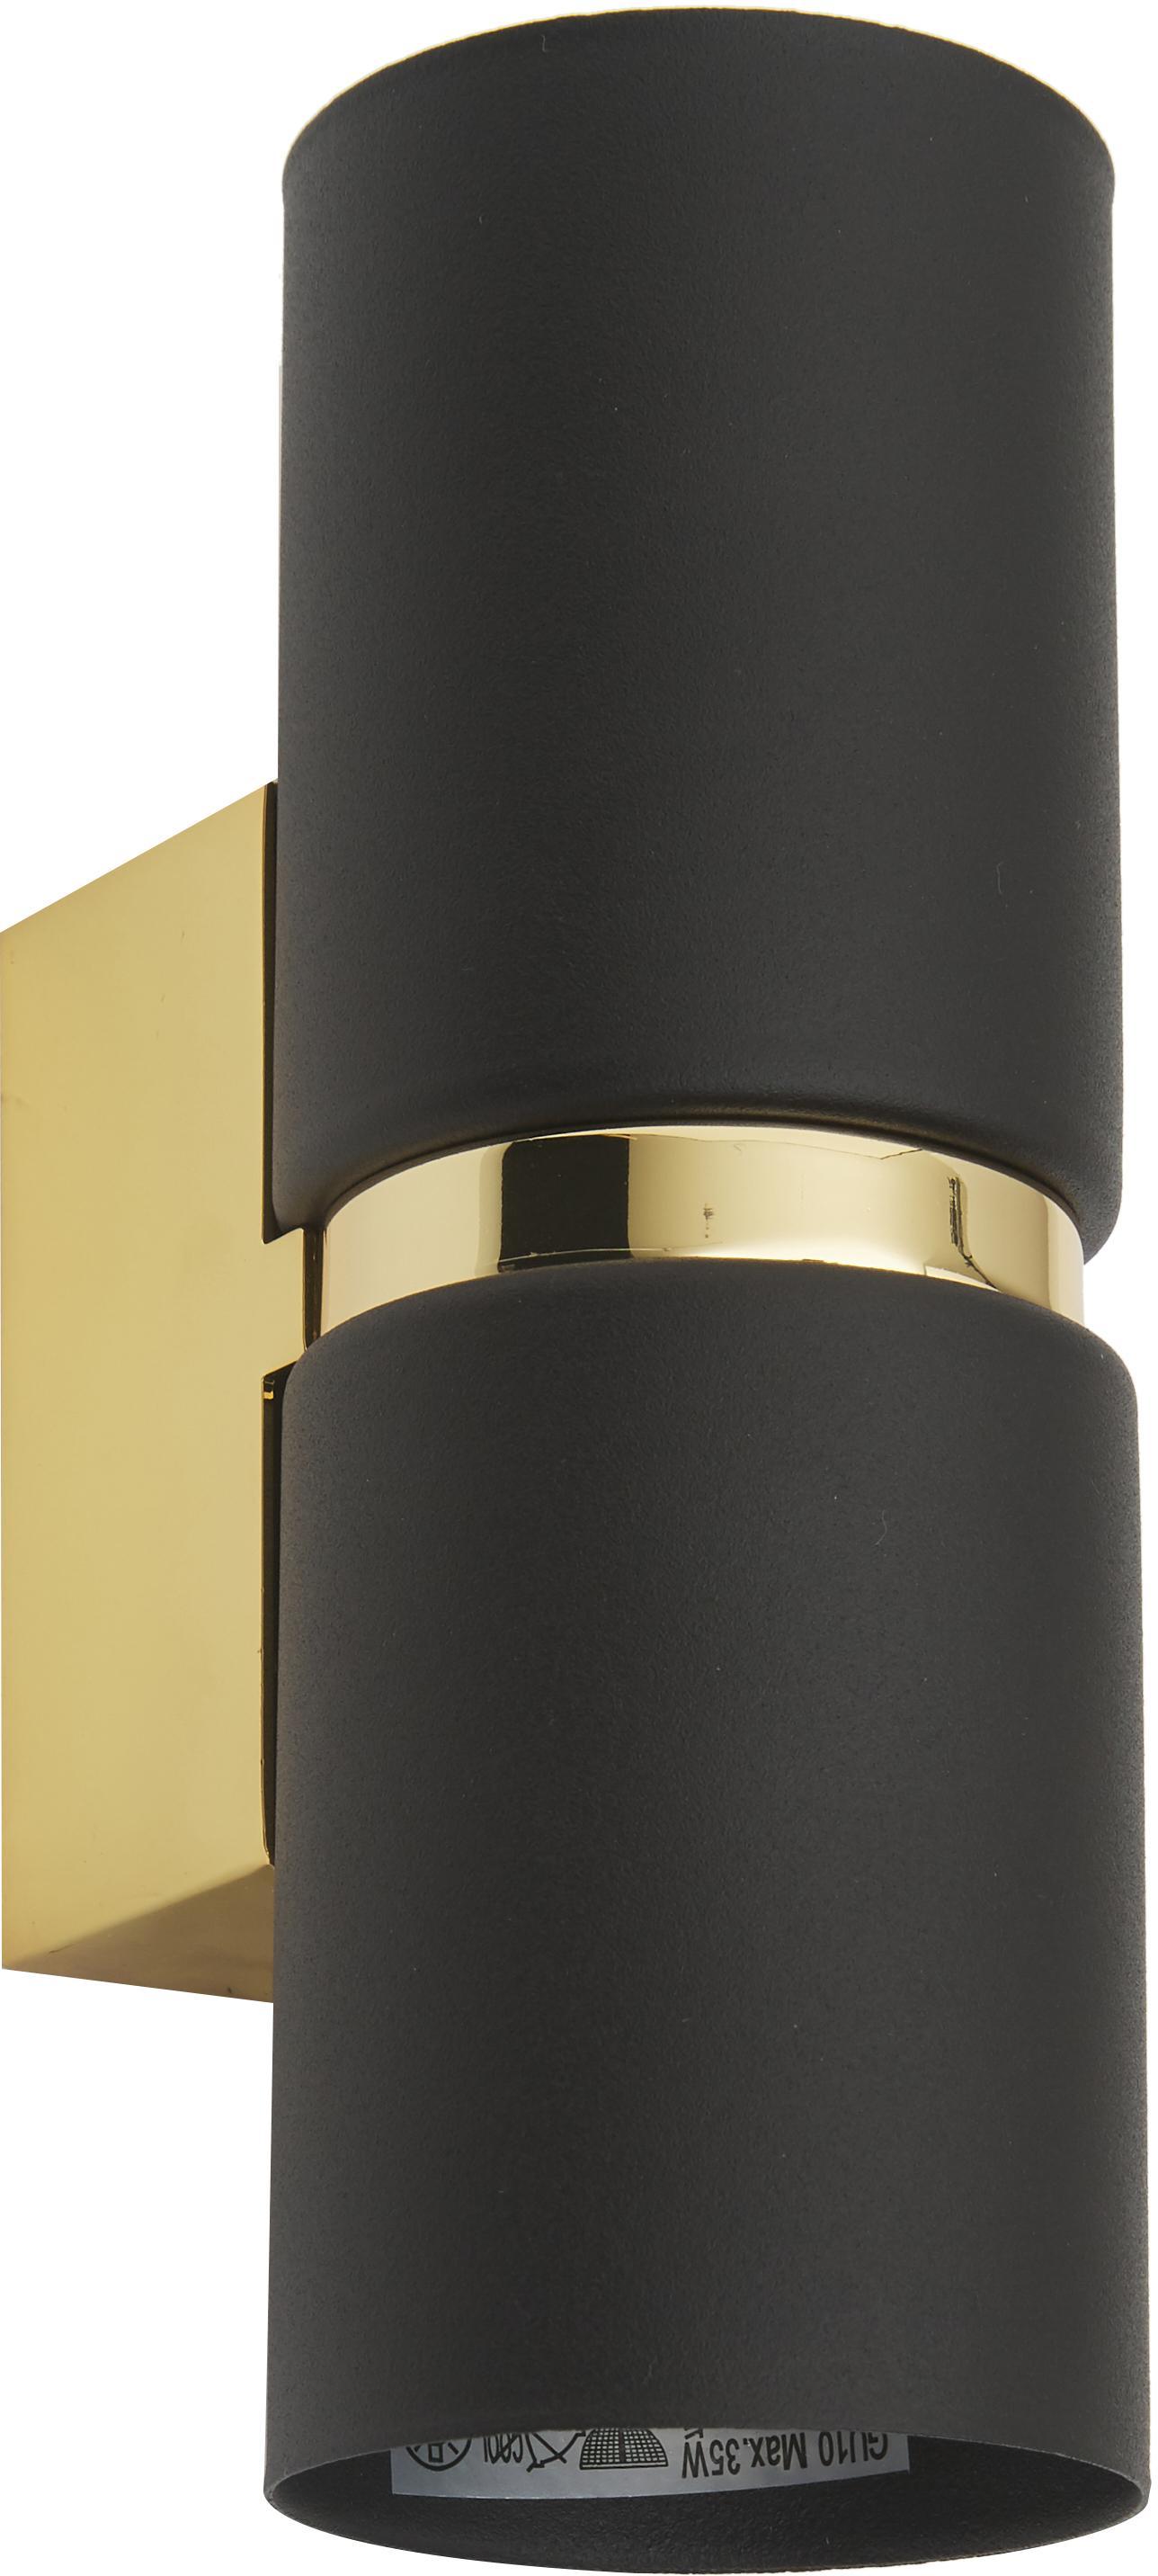 Wandlamp Passa, Gelakt staal, Zwart, goudkleurig, 6 x 17 cm